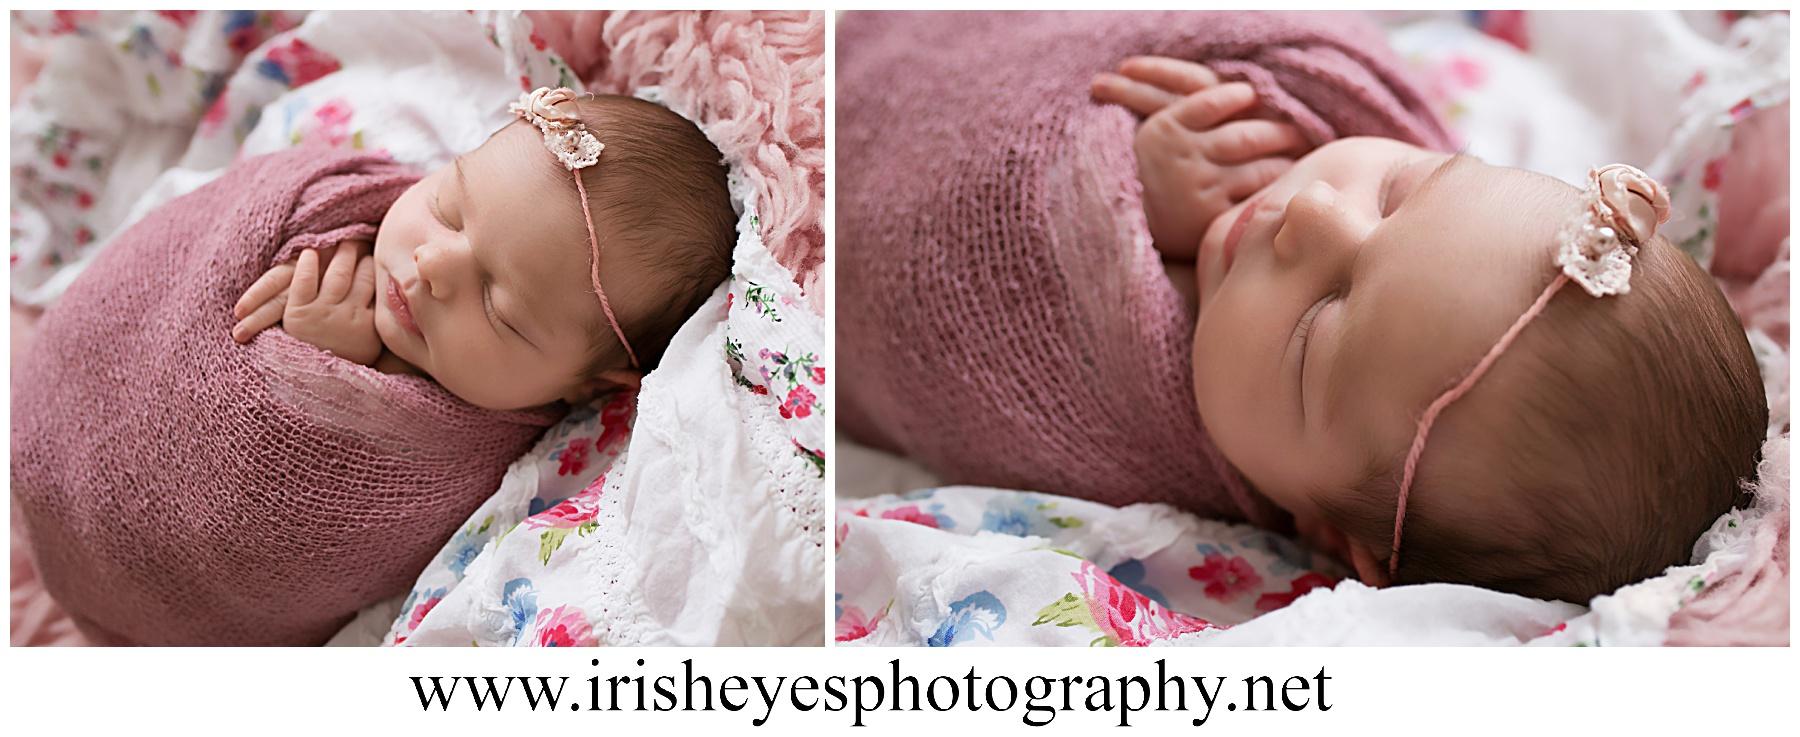 Gahanna Ohio Newborn Photographer_0191.jpg